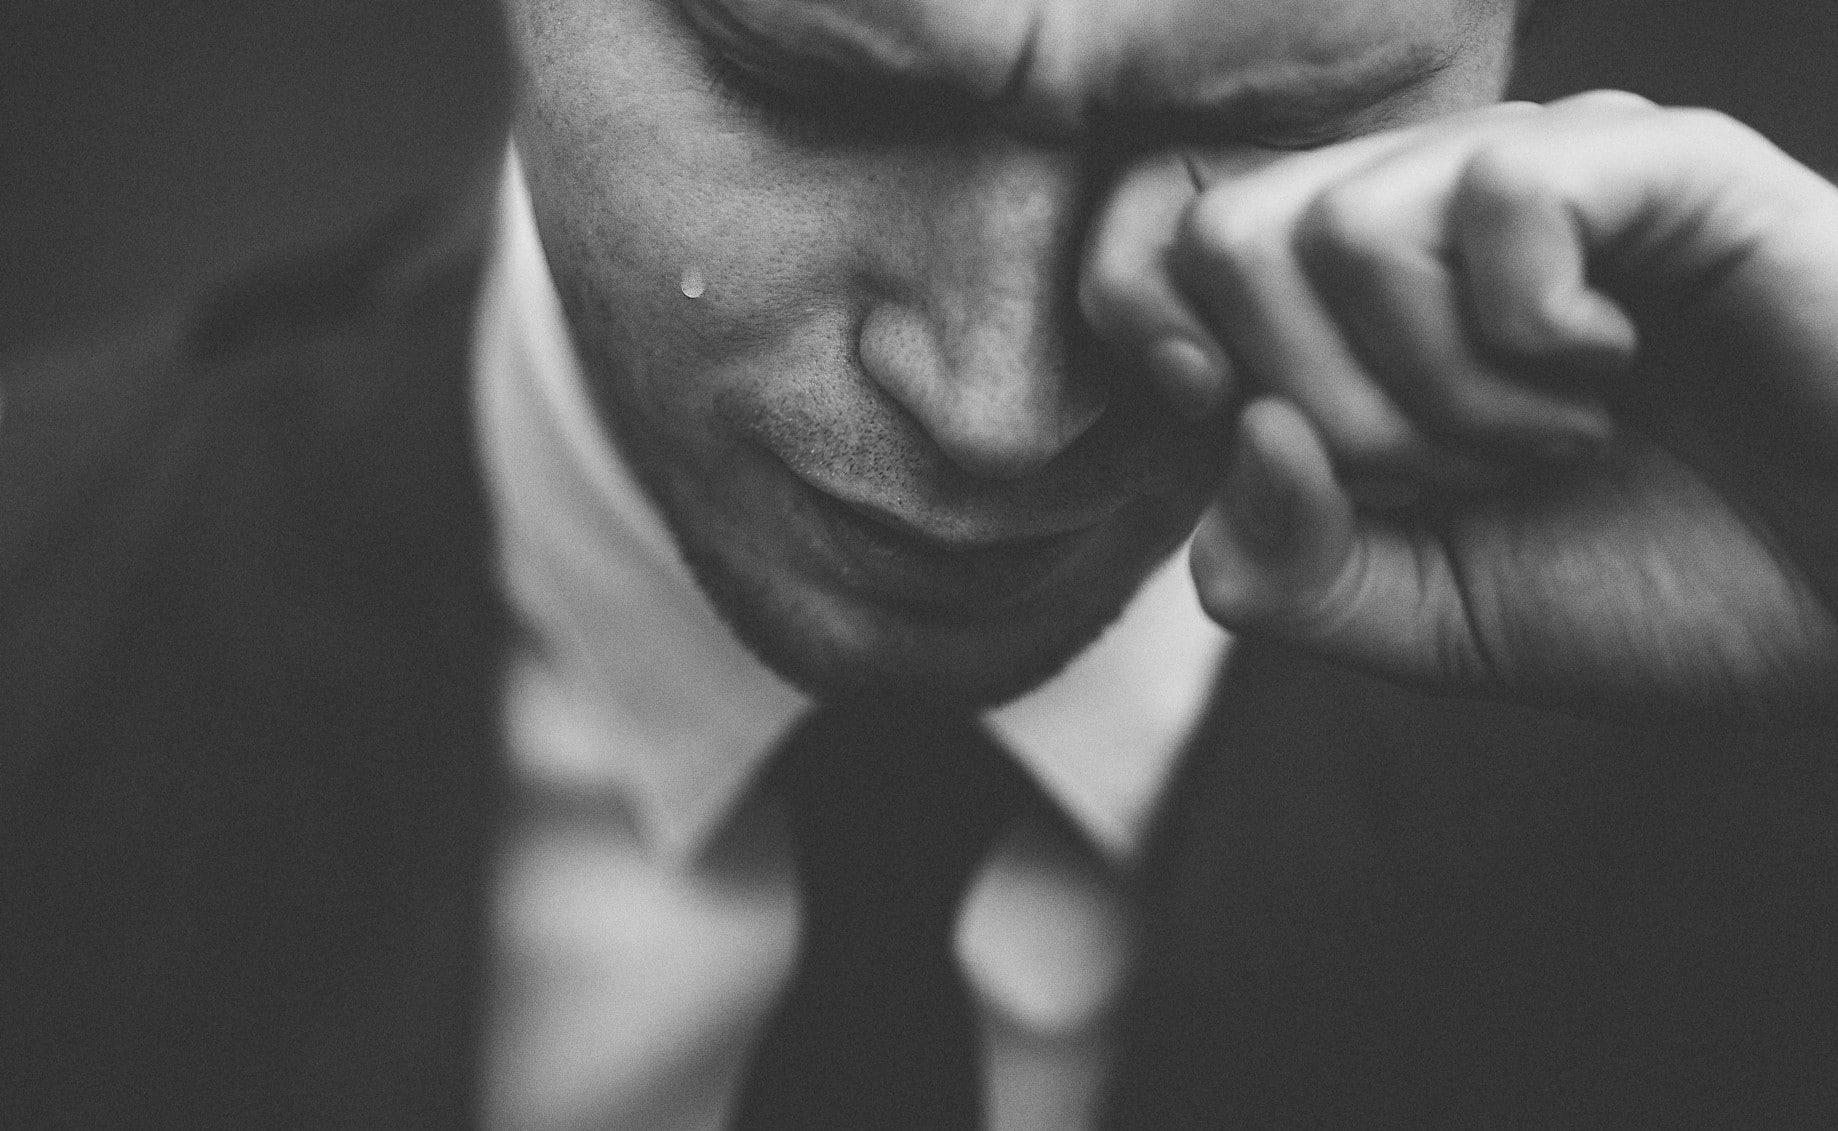 Essere emotivi non è più un tabù, ma non lo siamo ancora abbastanza. <br>Se piangi non sei fragile